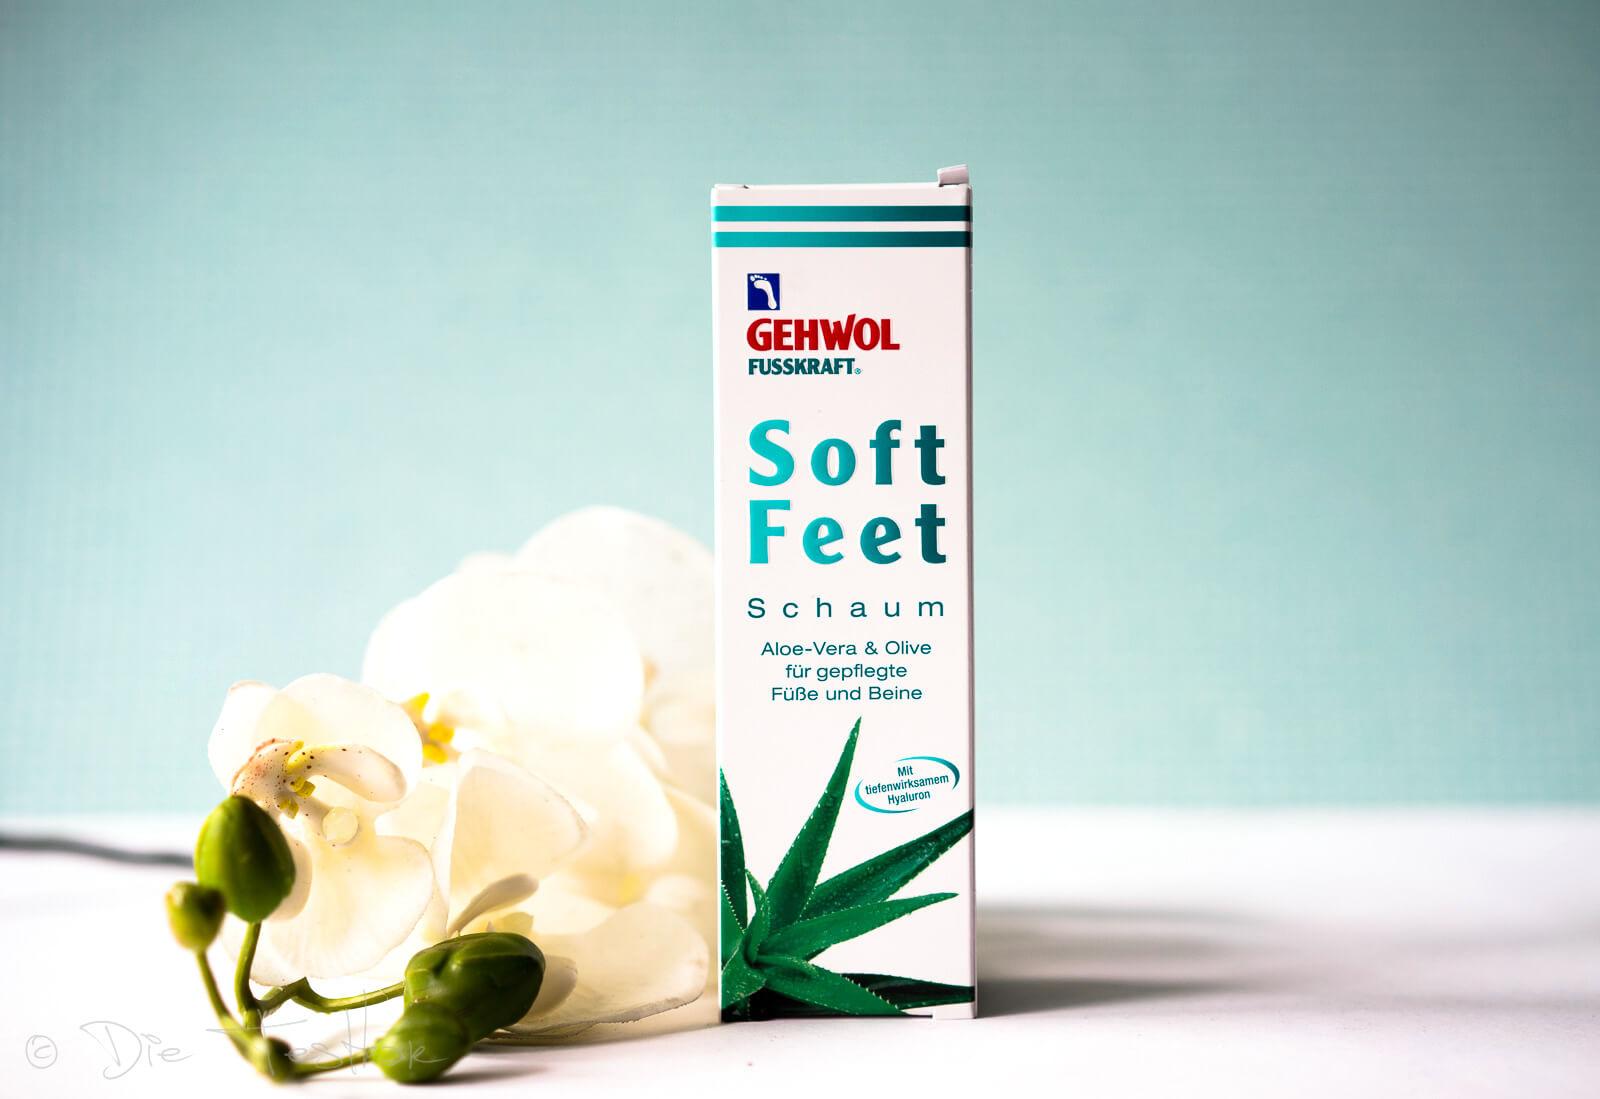 GEHWOL FUSSKRAFT - Soft Feet Schaum